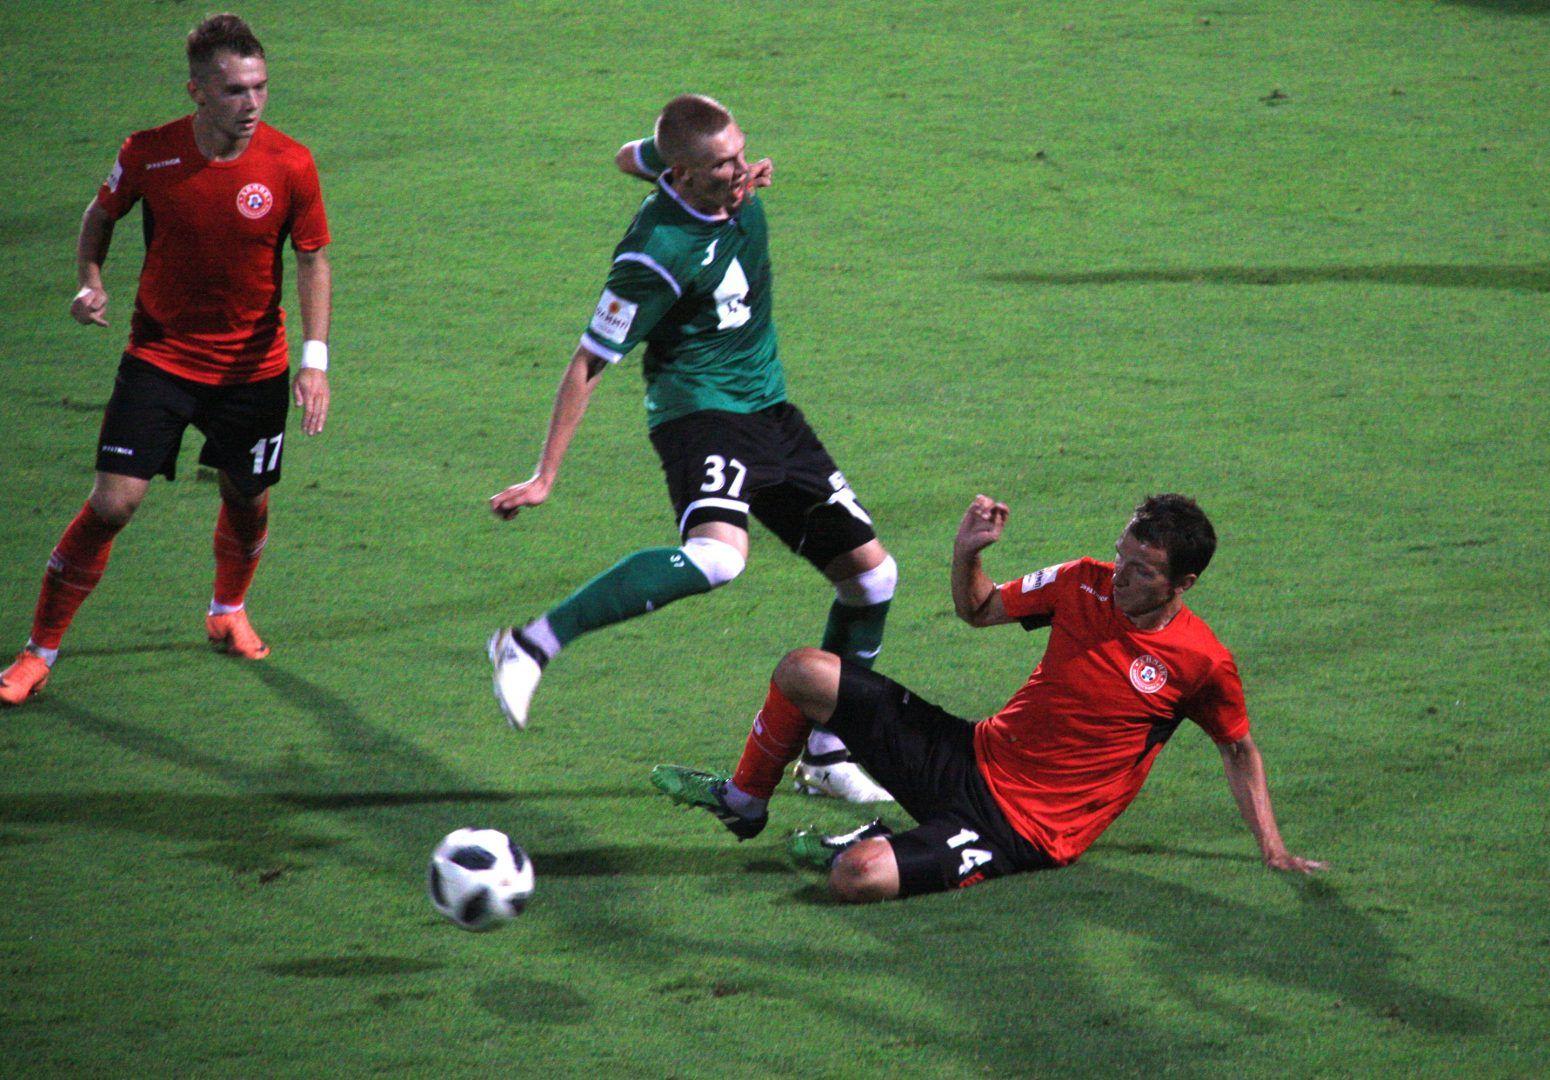 Спортсмены из Роговского сразятся в турнире по футболу. Фото: Павел Волков, «Вечерняя Москва»